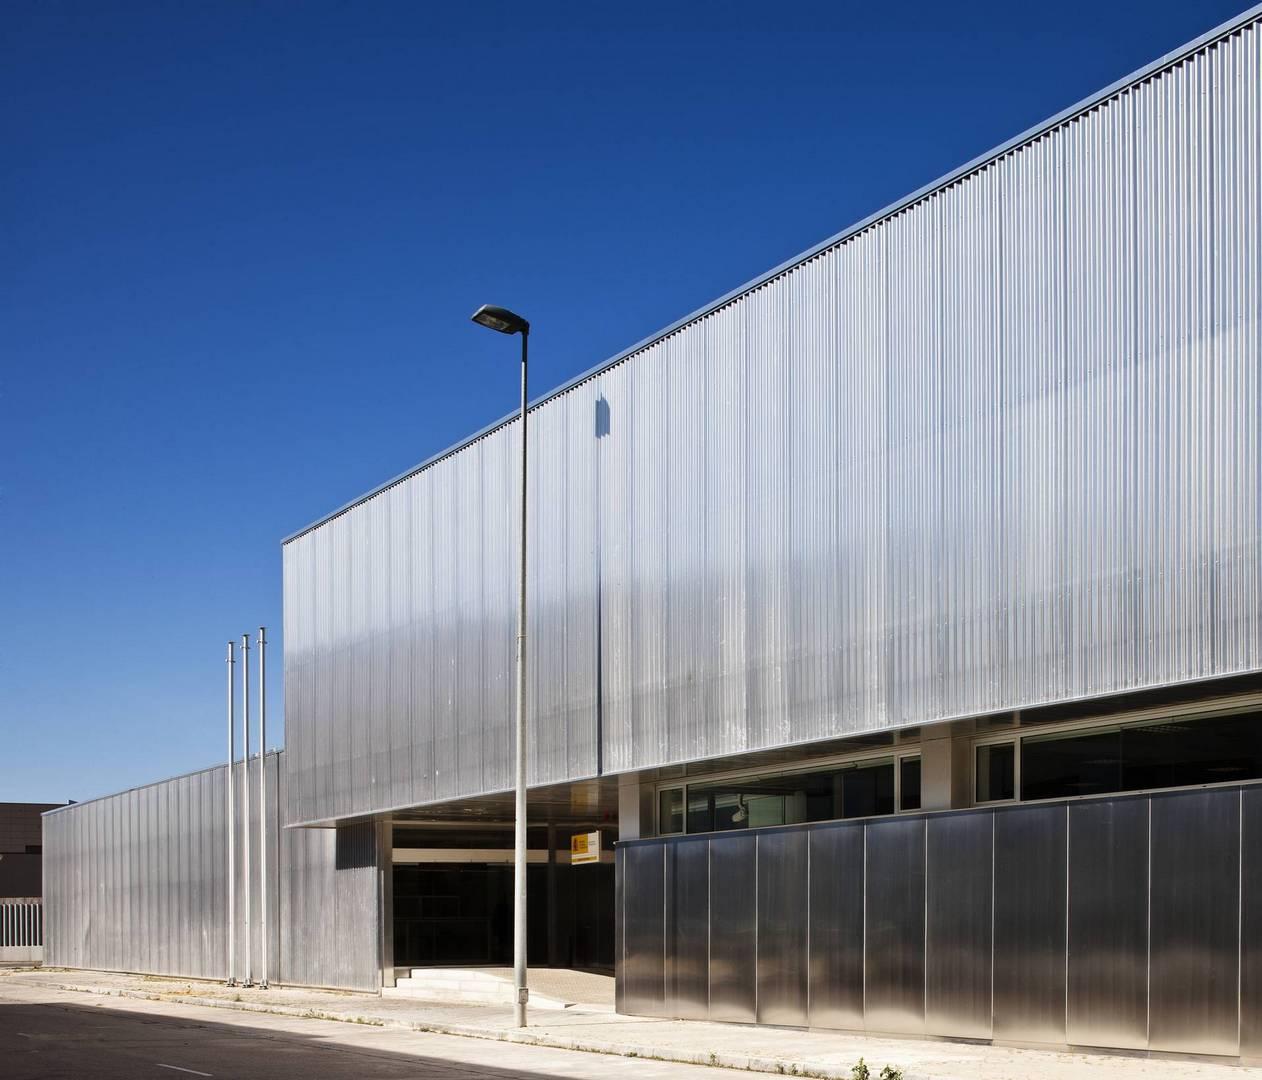 Sede del servicio p blico de empleo estatal en sevilla - Arquitectos de sevilla ...